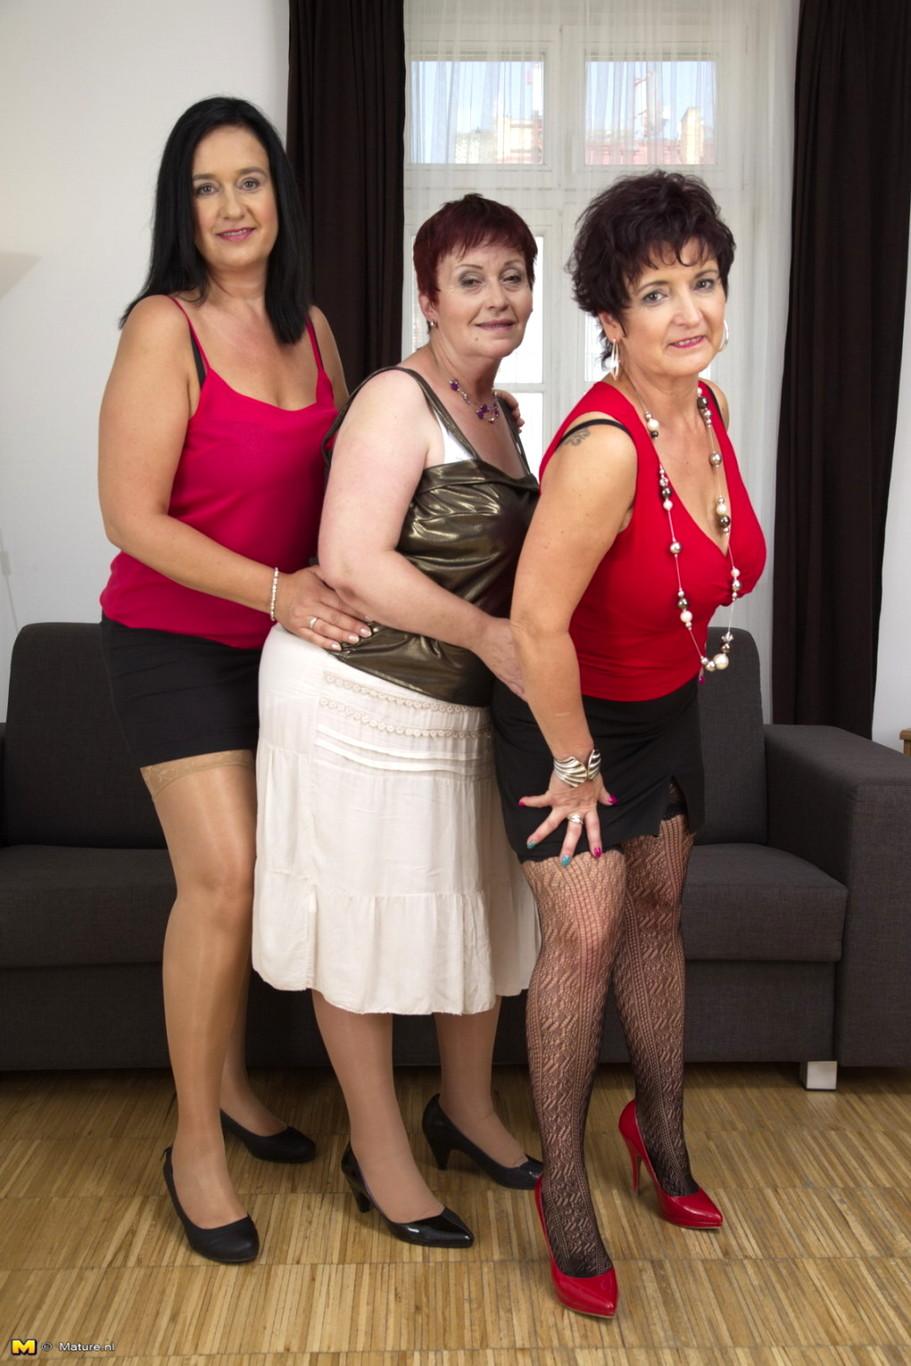 Mature Nl Maturenl Model Average Big Tits Sexphoto Sex HD Pics